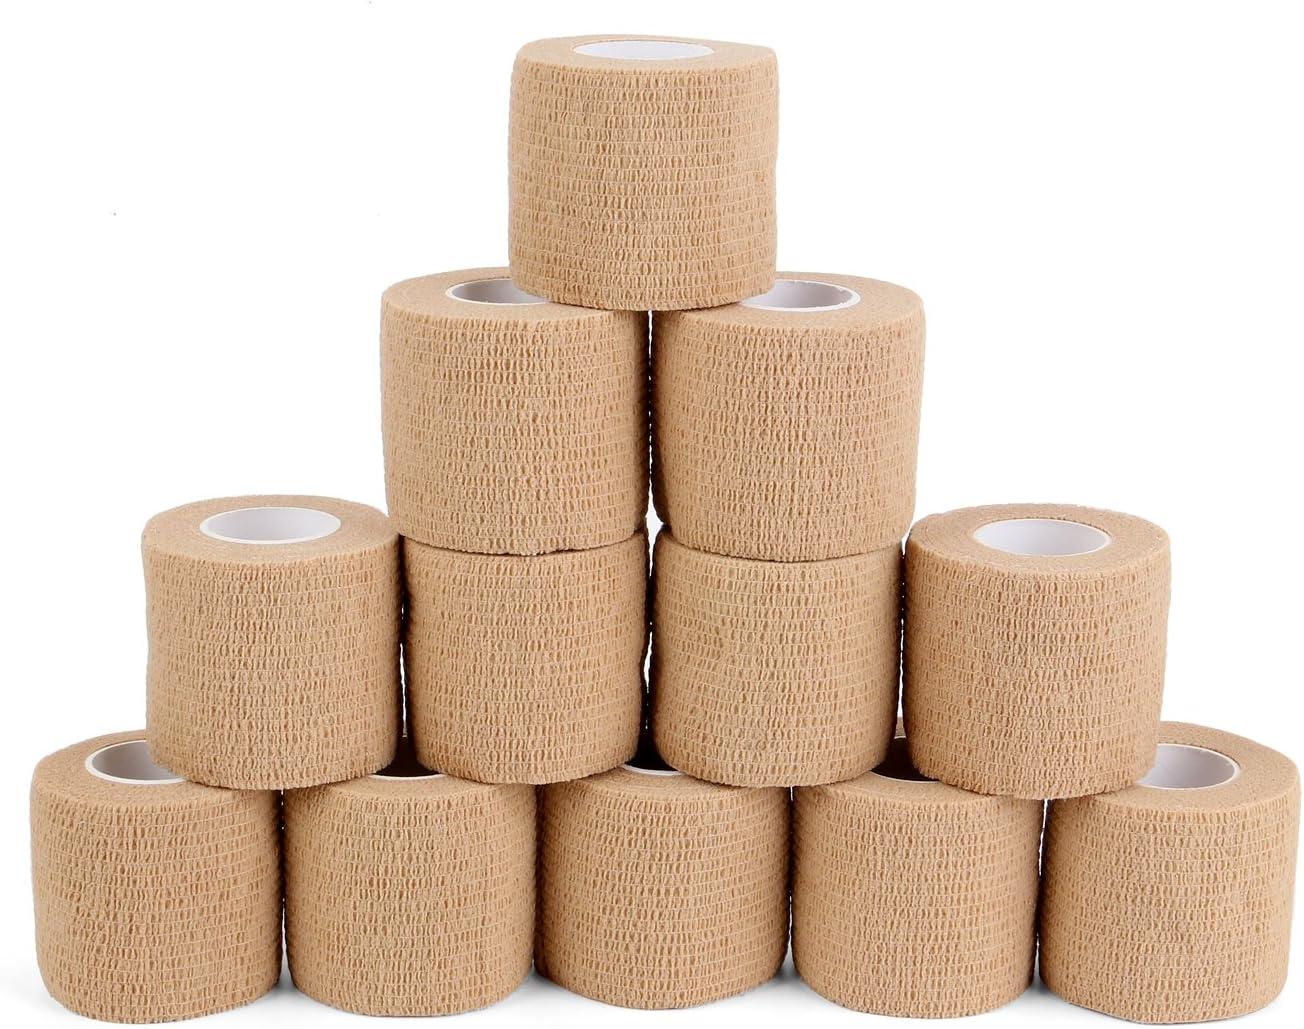 Vendaje adhesivo de 5 cm x 4.5 m, cinta deportiva adherente para esguinces e hinchazón en la muñeca y el tobillo, Suministros Médicos de Primeros Auxilios para Protección Deportiva